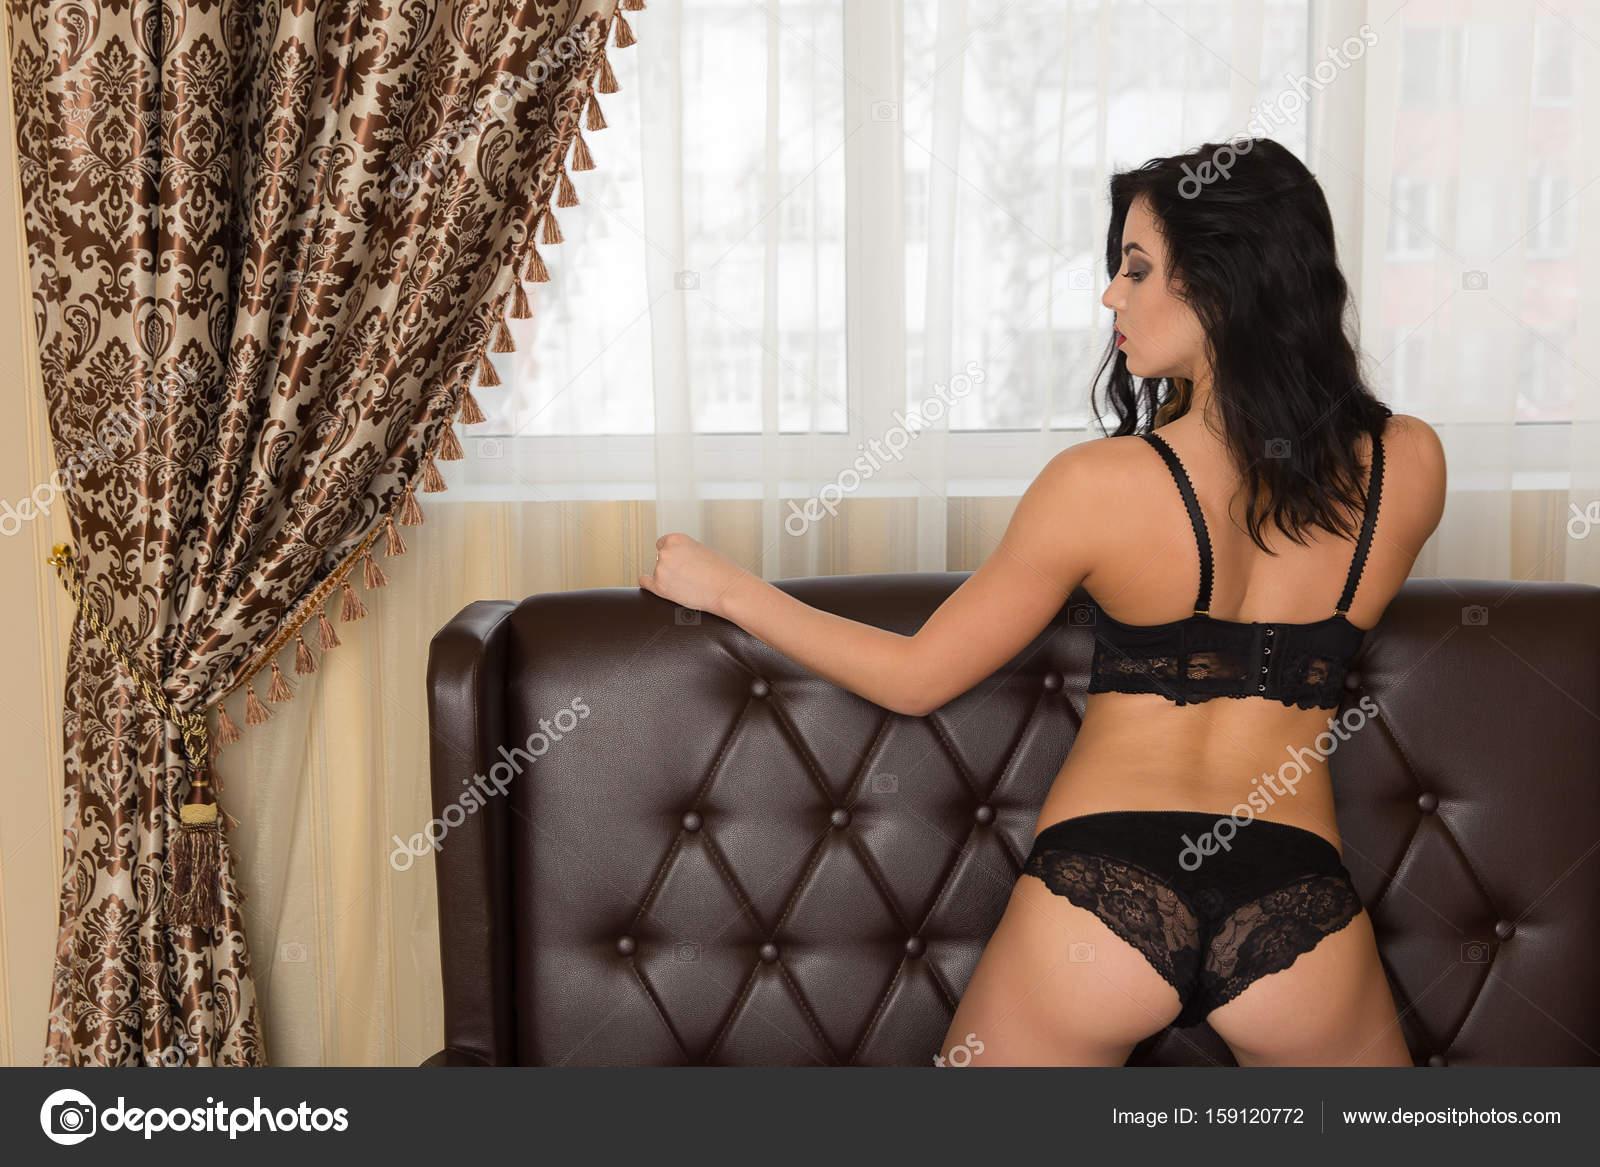 345b7907c1 Hermosa dama sexy elegante negro bragas y sujetador. Mujer morena de  belleza con nalgas atractivas en ropa interior de encaje. culo mujer en  ropa interior ...